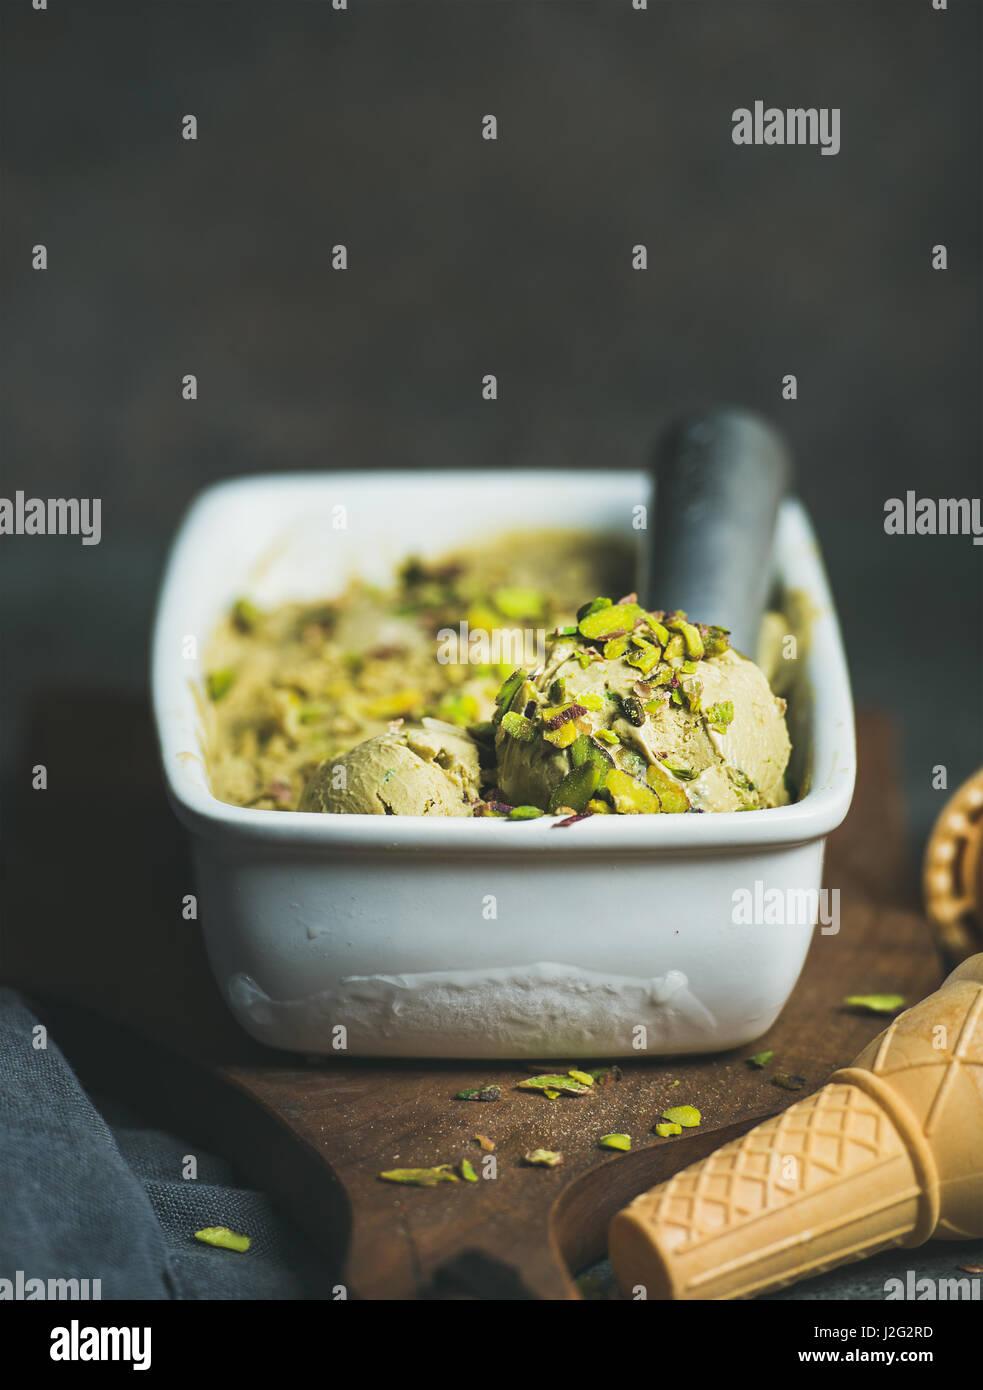 Homemade pistachio ice cream in ceramic mold - Stock Image